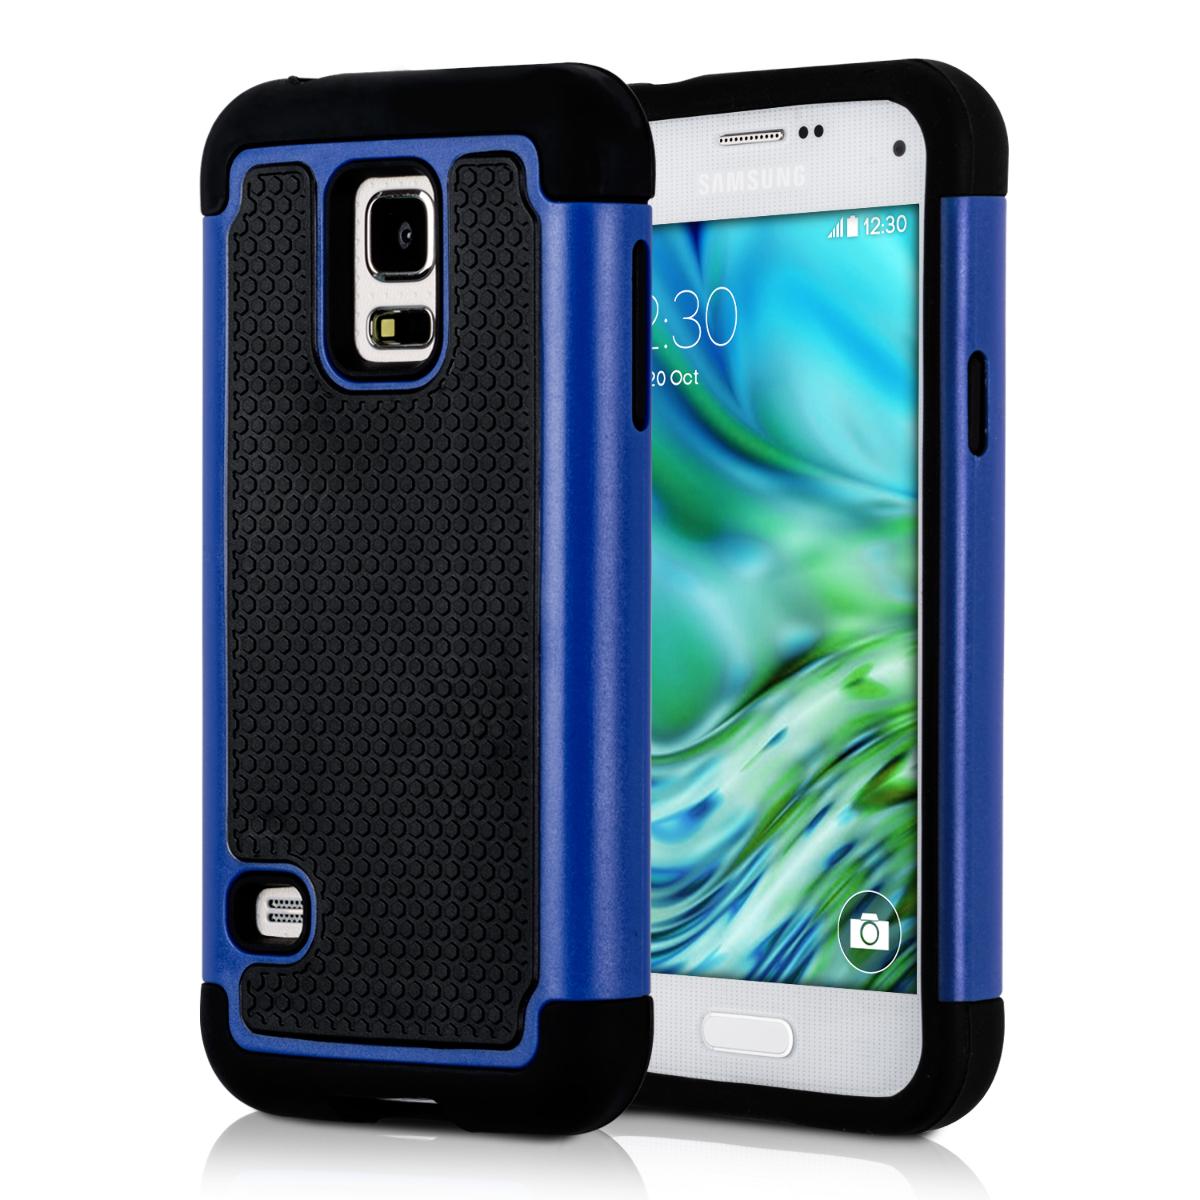 AKCE IHNED! Kvalitní plastové pouzdro pro Samsung S5 Mini G800 - modré, černé